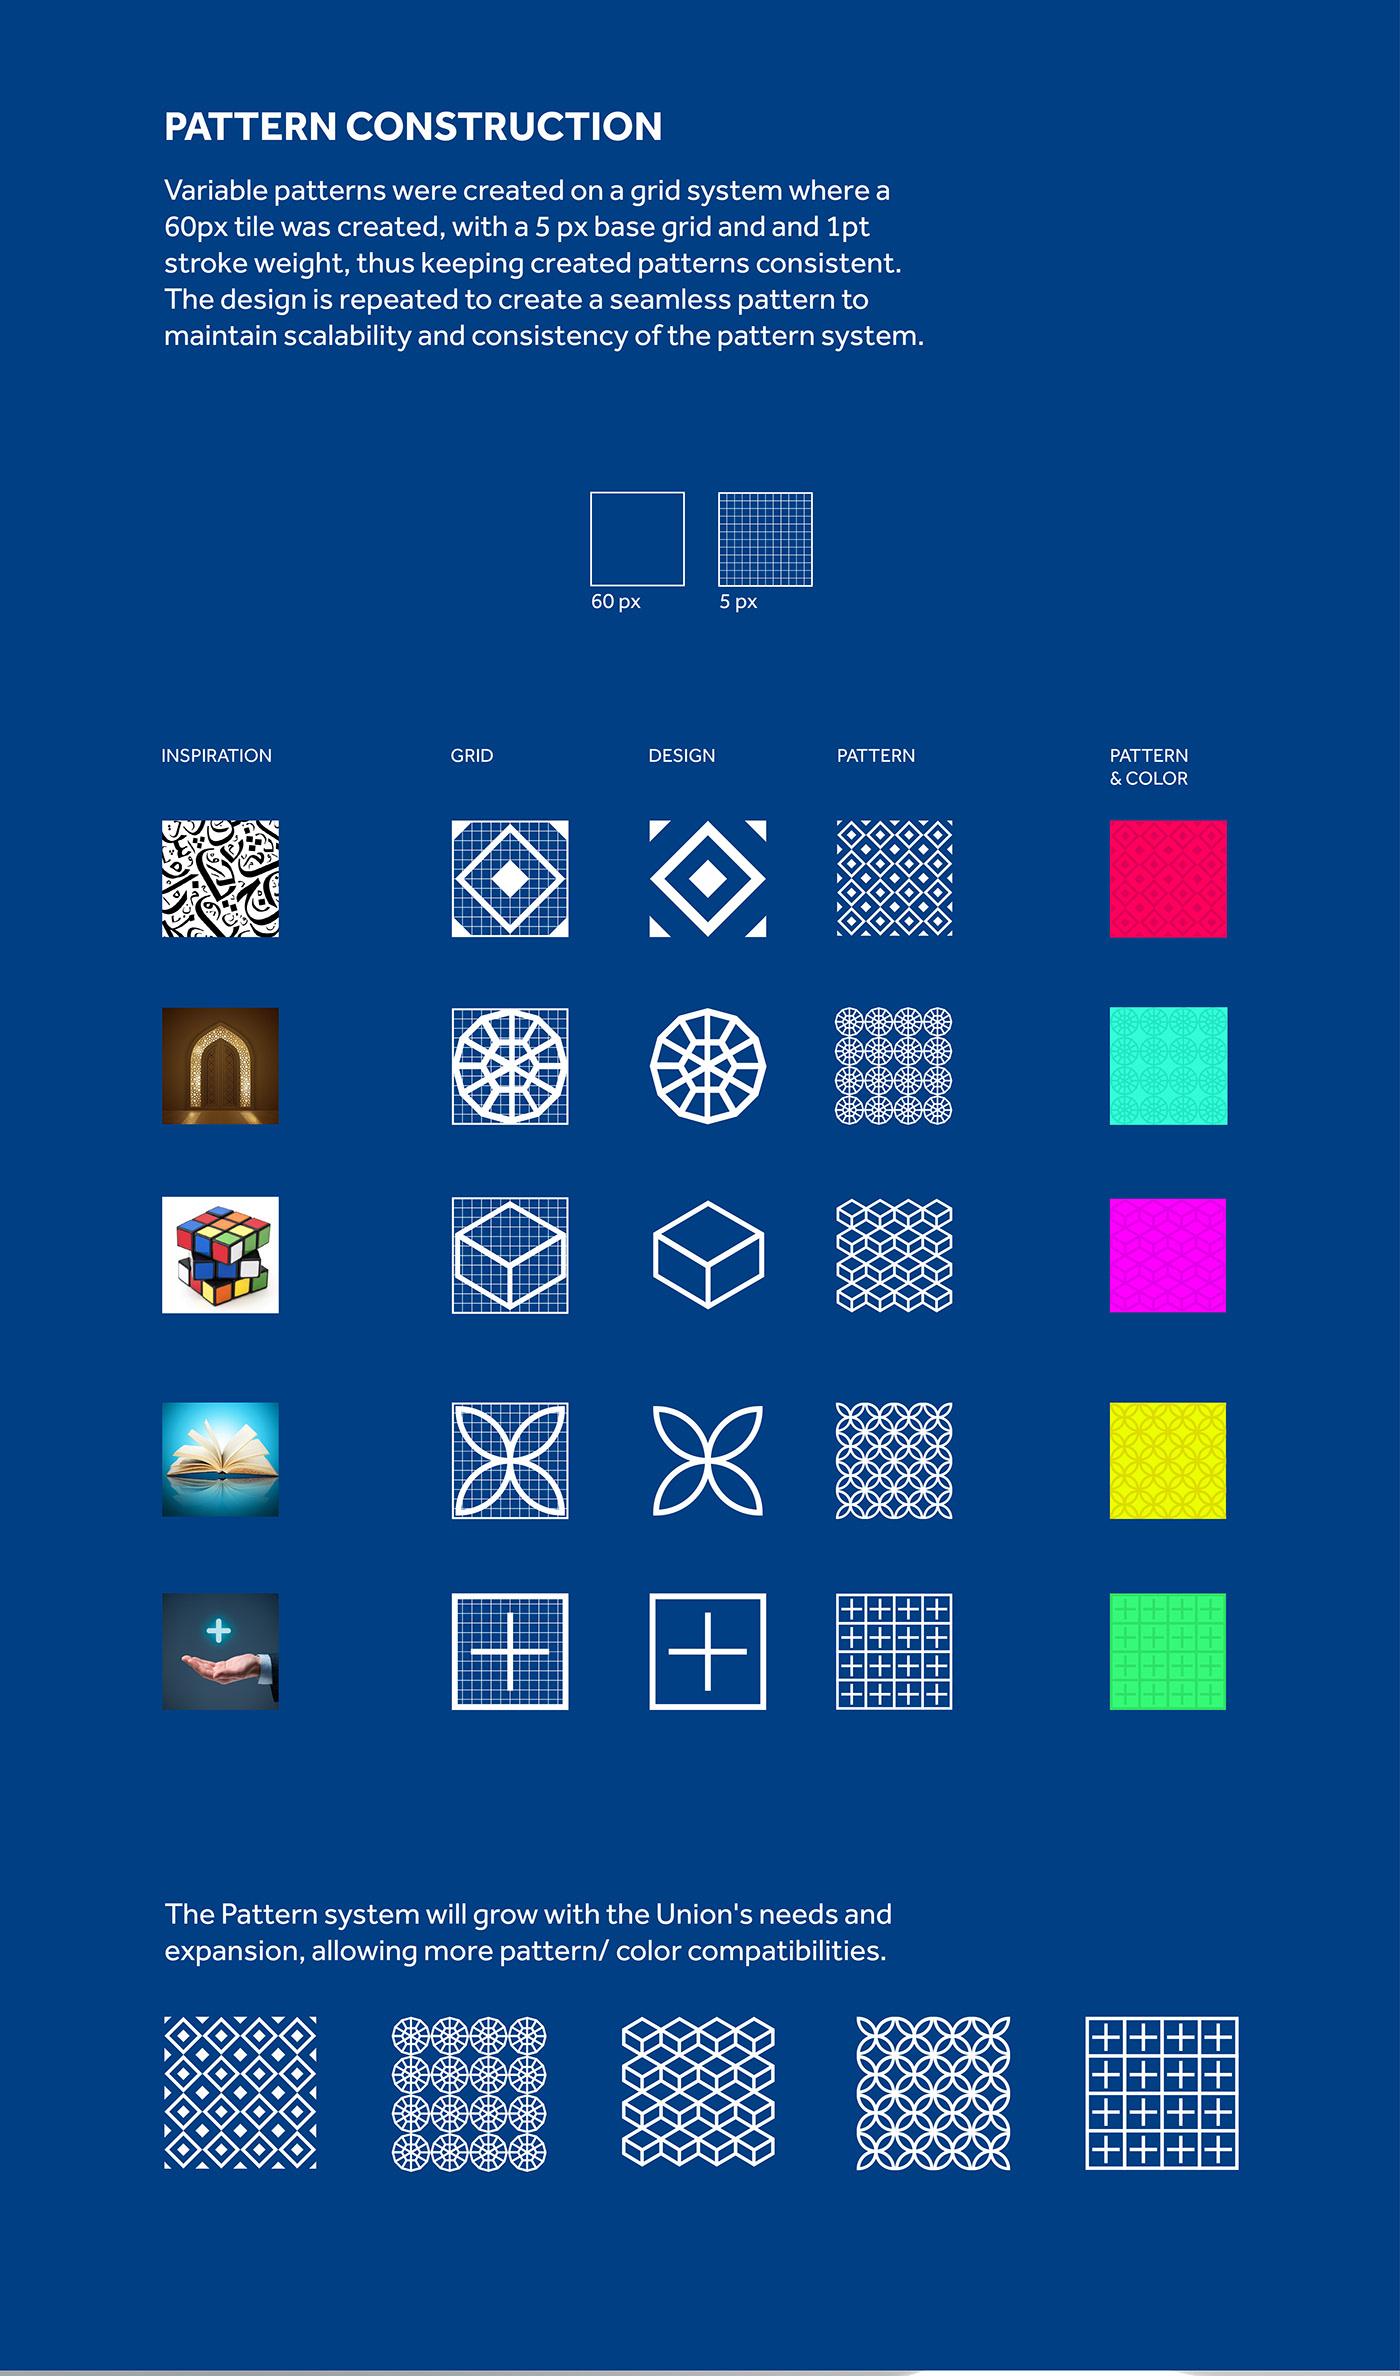 design Dynamic identity color Letter U ltter d Space  union designers du